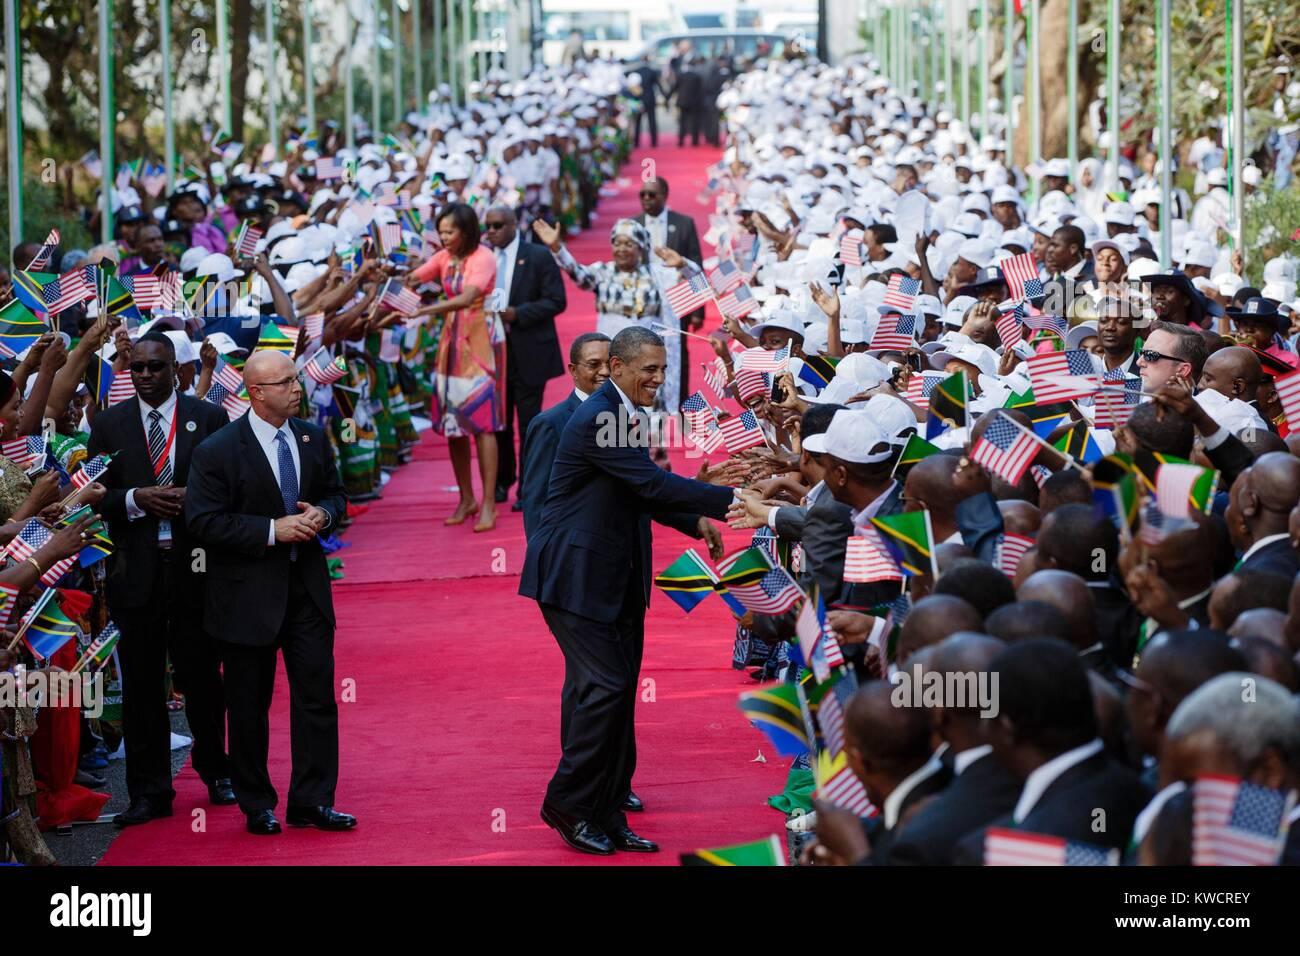 Le président Barack Obama et Première Dame Michelle Obama se serrer la main avec la foule de la Tanzanie. Photo Stock